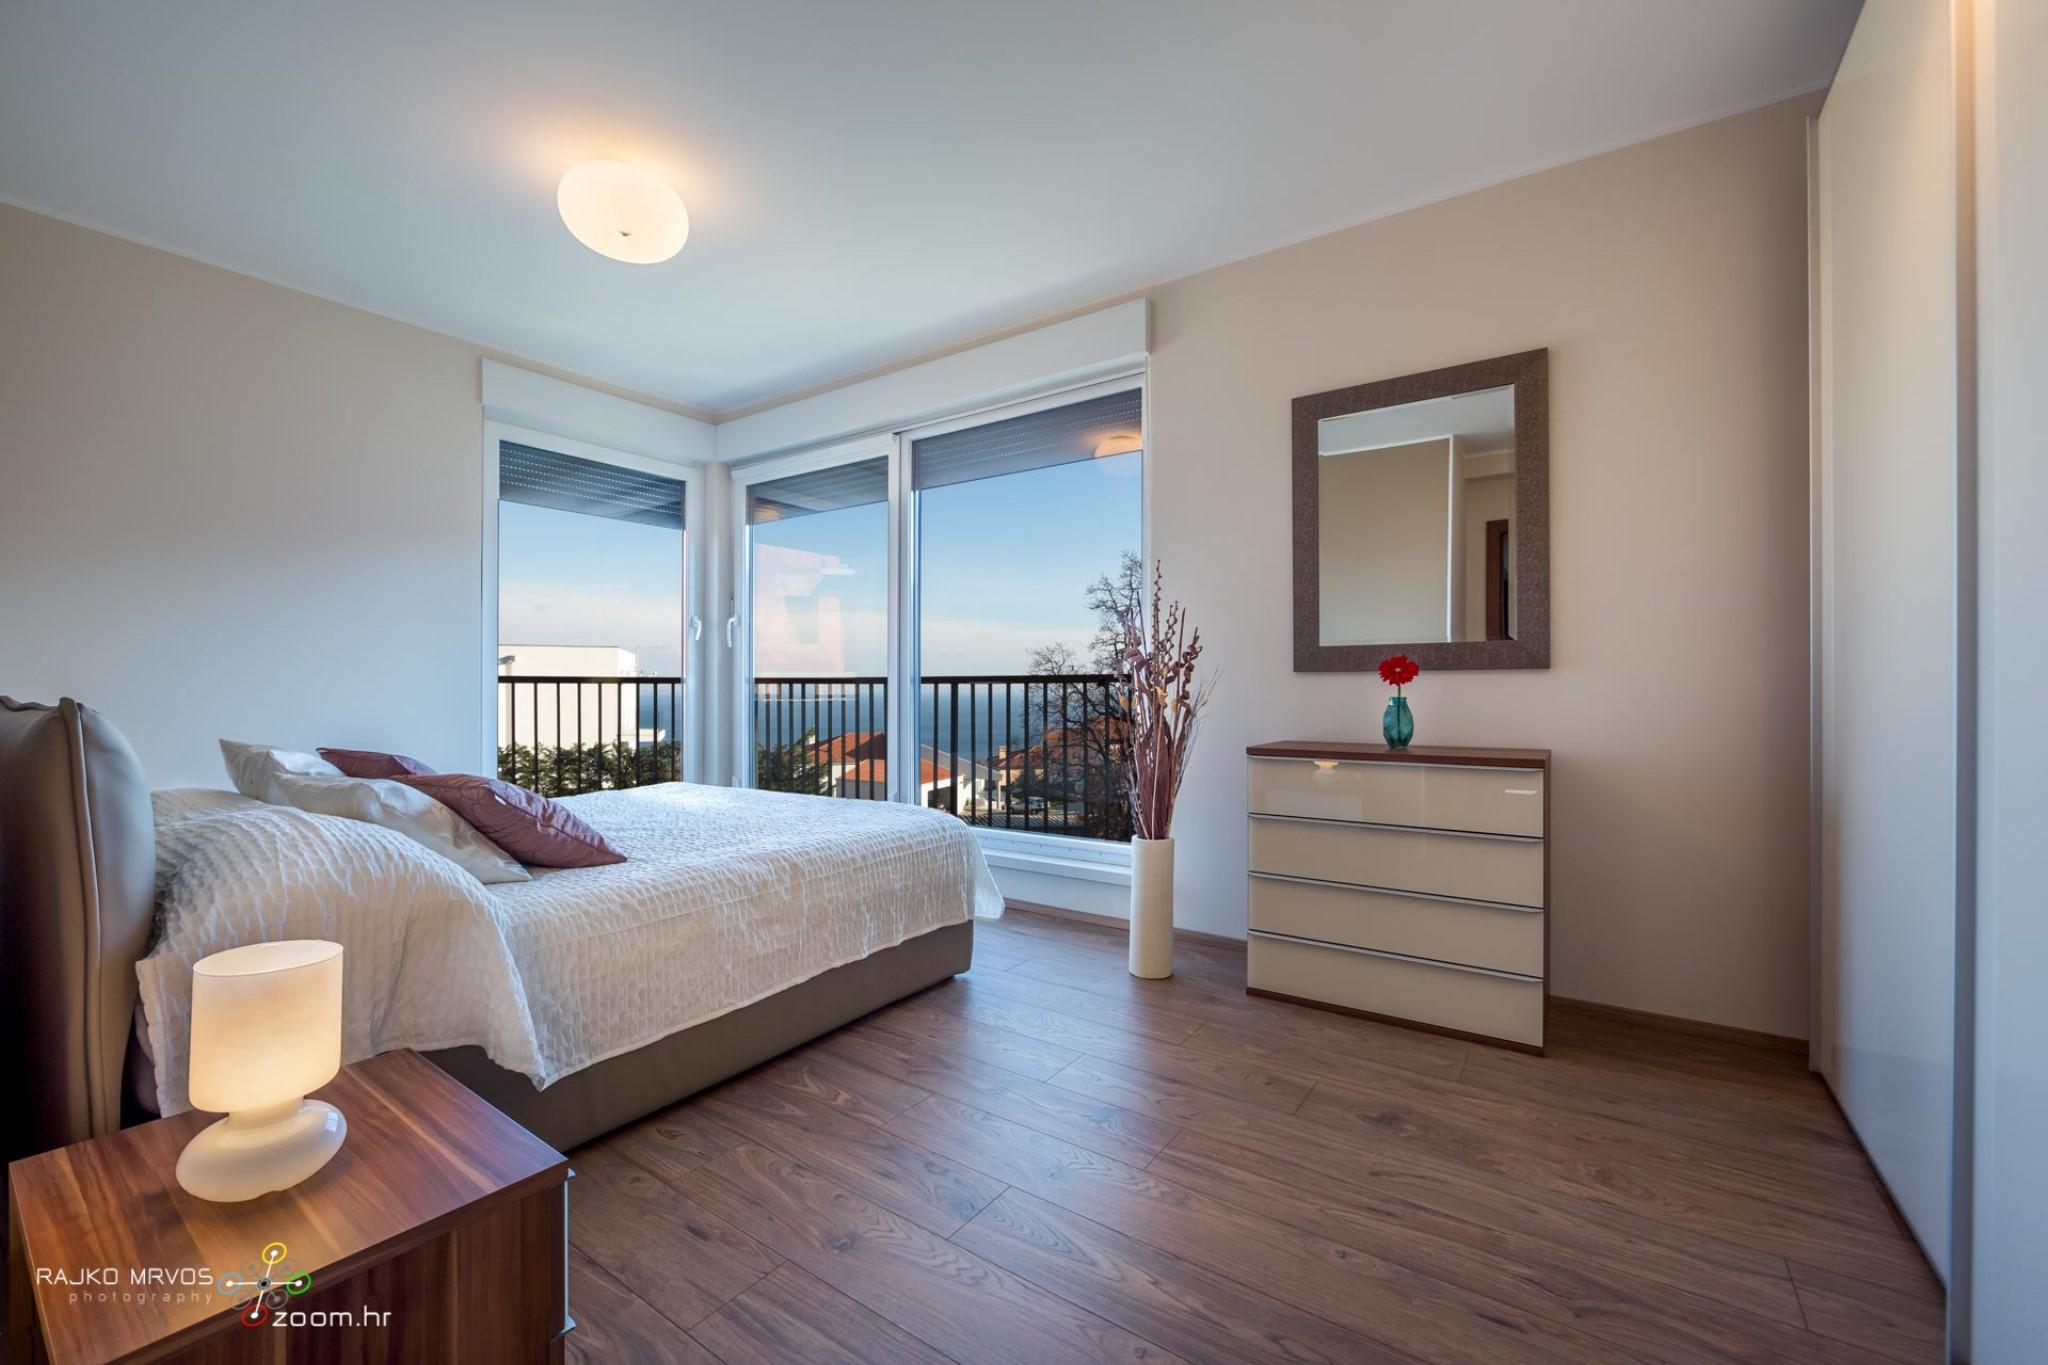 fotografiranje-interijera-fotograf-eksterijera-apartmana-vila-kuca-hotela-apartman-Pobri-Opatija-5